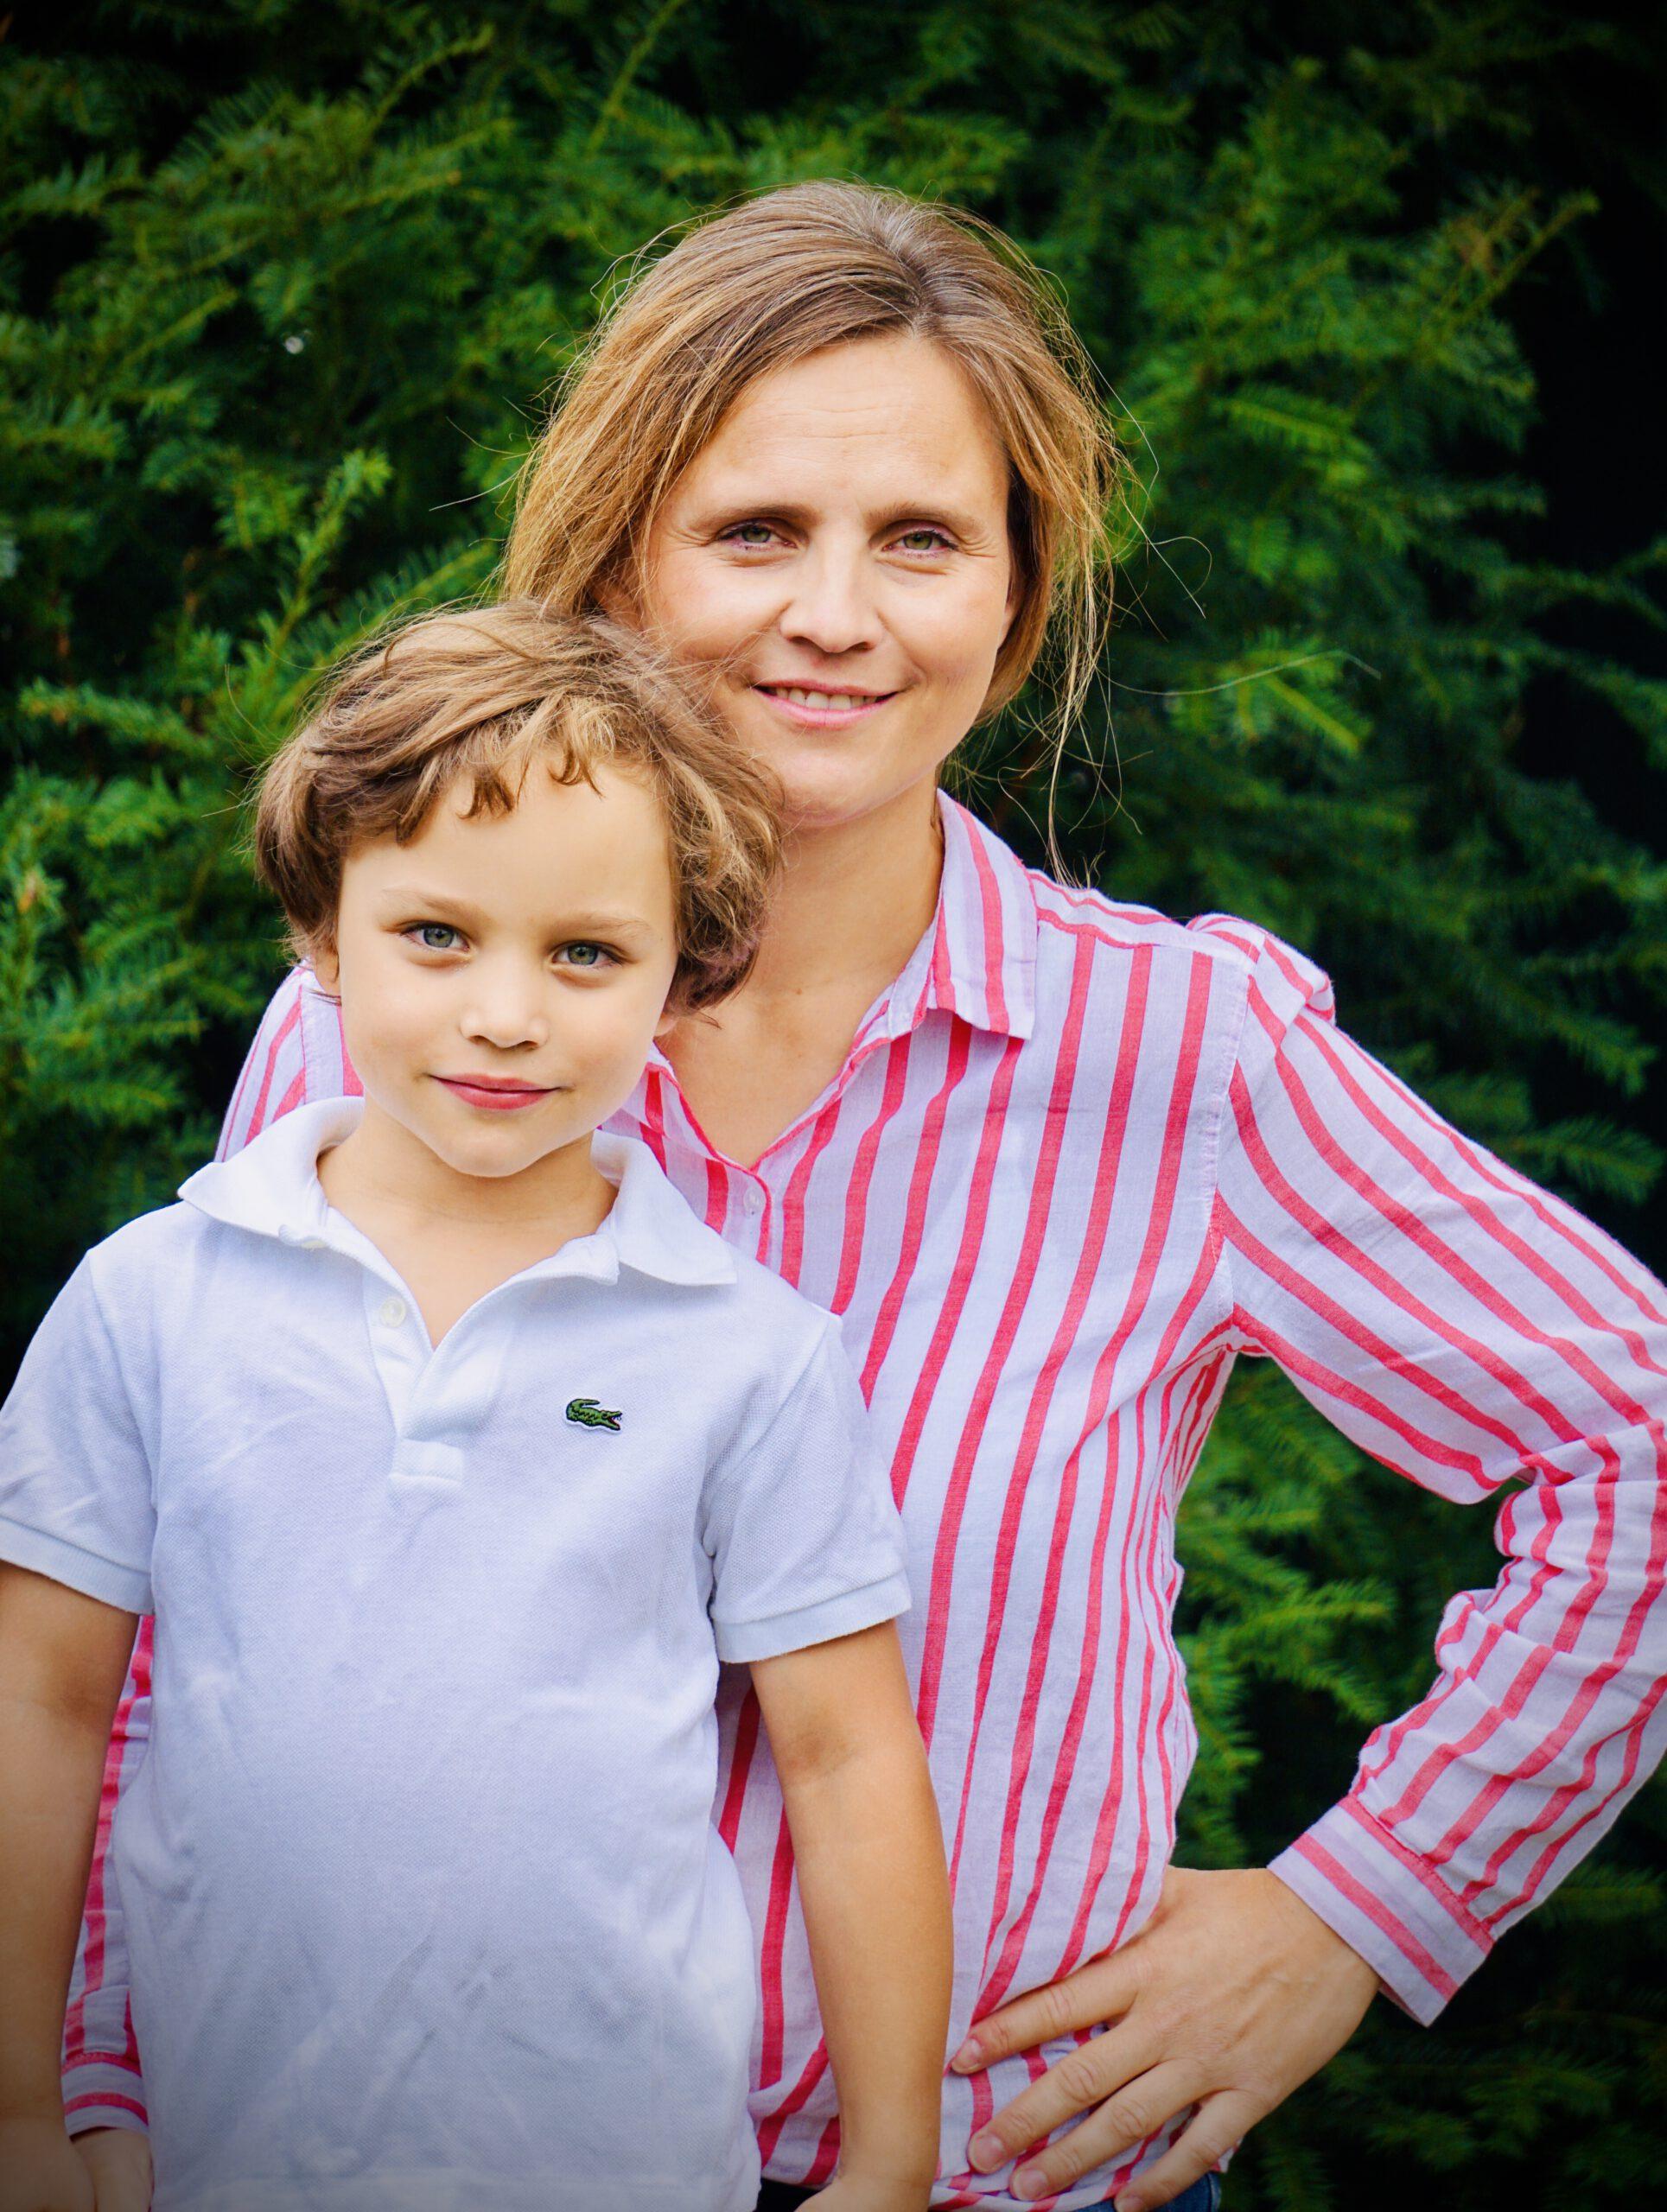 Die Gründerin der online Schwimmschule mit ihrem Sohn